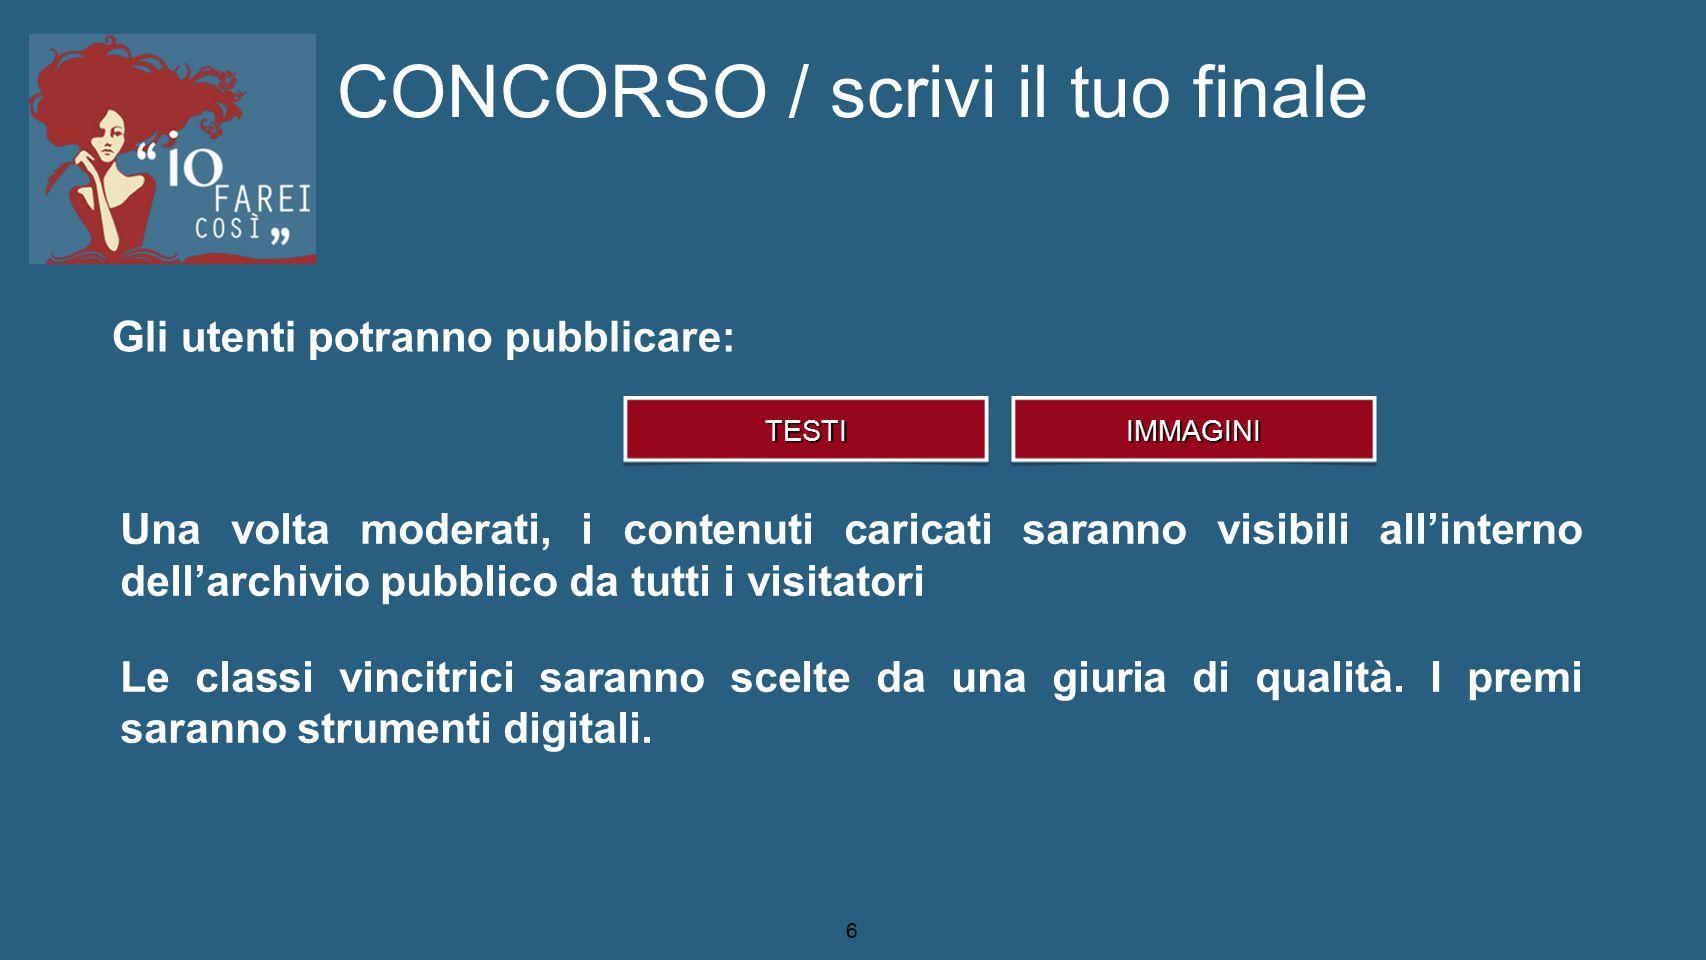 6 CONCORSO / scrivi il tuo finale Gli utenti potranno pubblicare: TESTIIMMAGINI Una volta moderati, i contenuti caricati saranno visibili all'interno